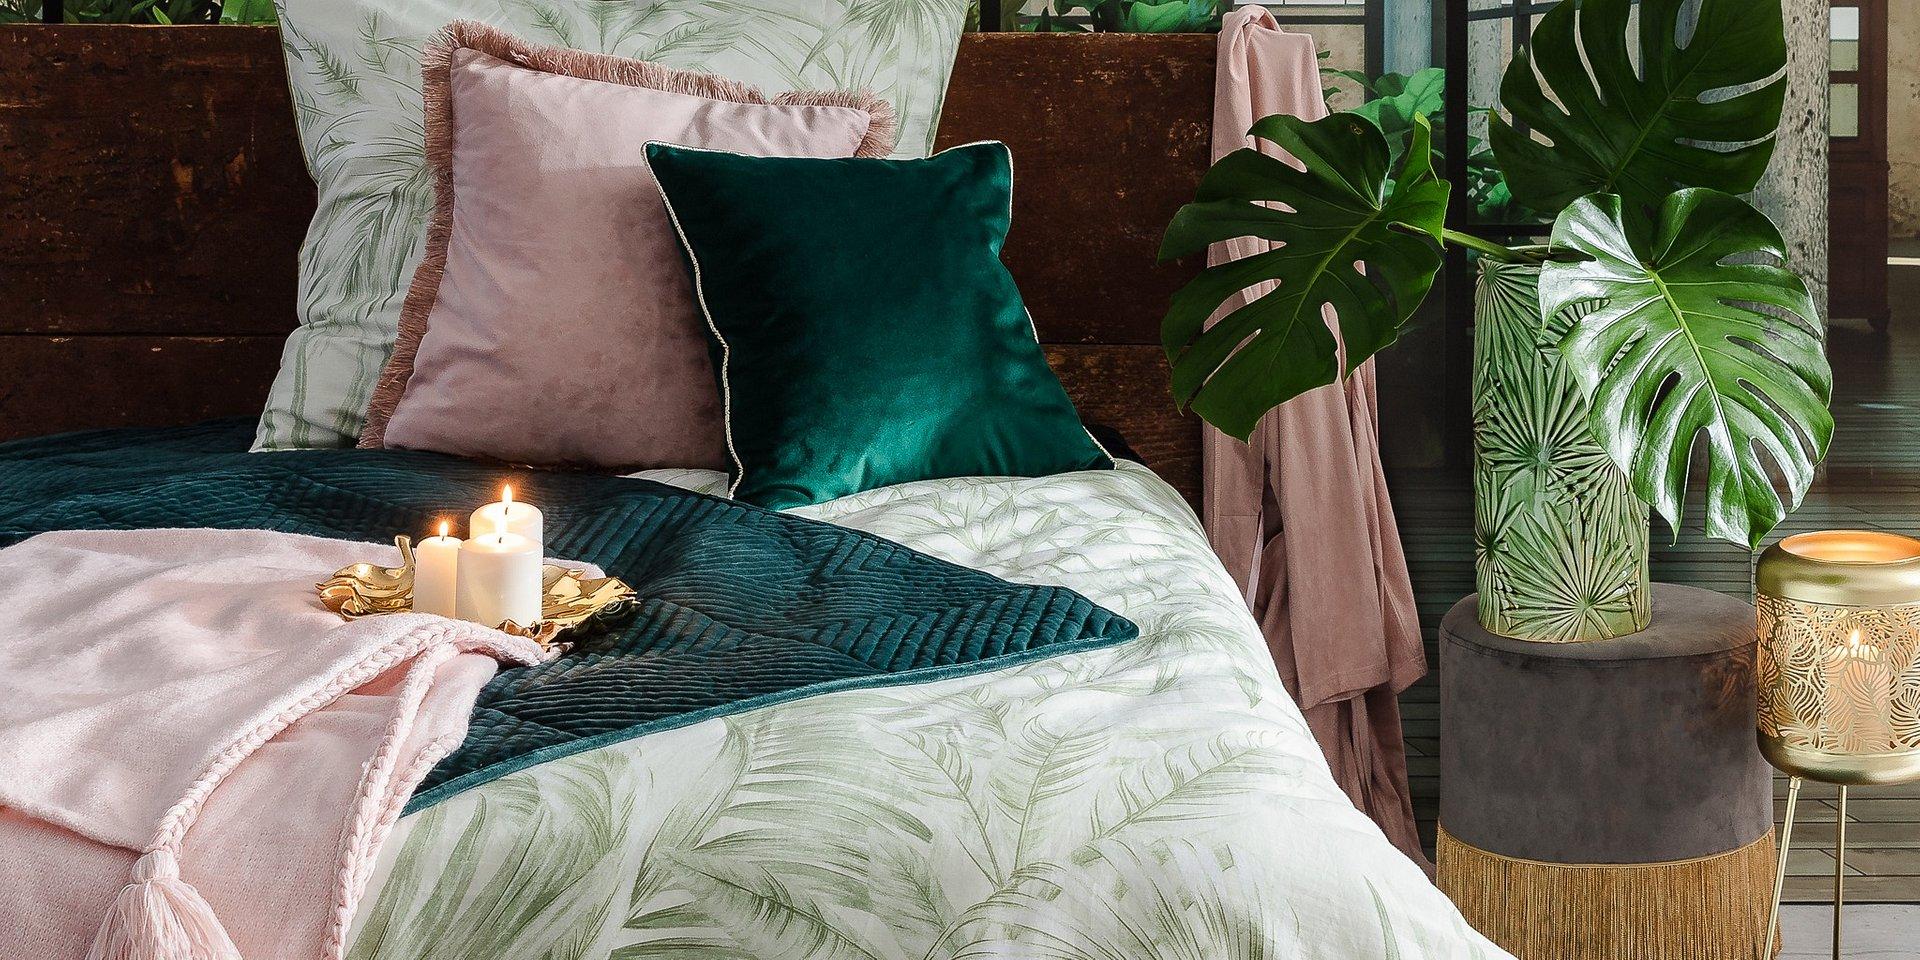 Podróże inspirują - jak przenieść egzotykę do wnętrza mieszkania?